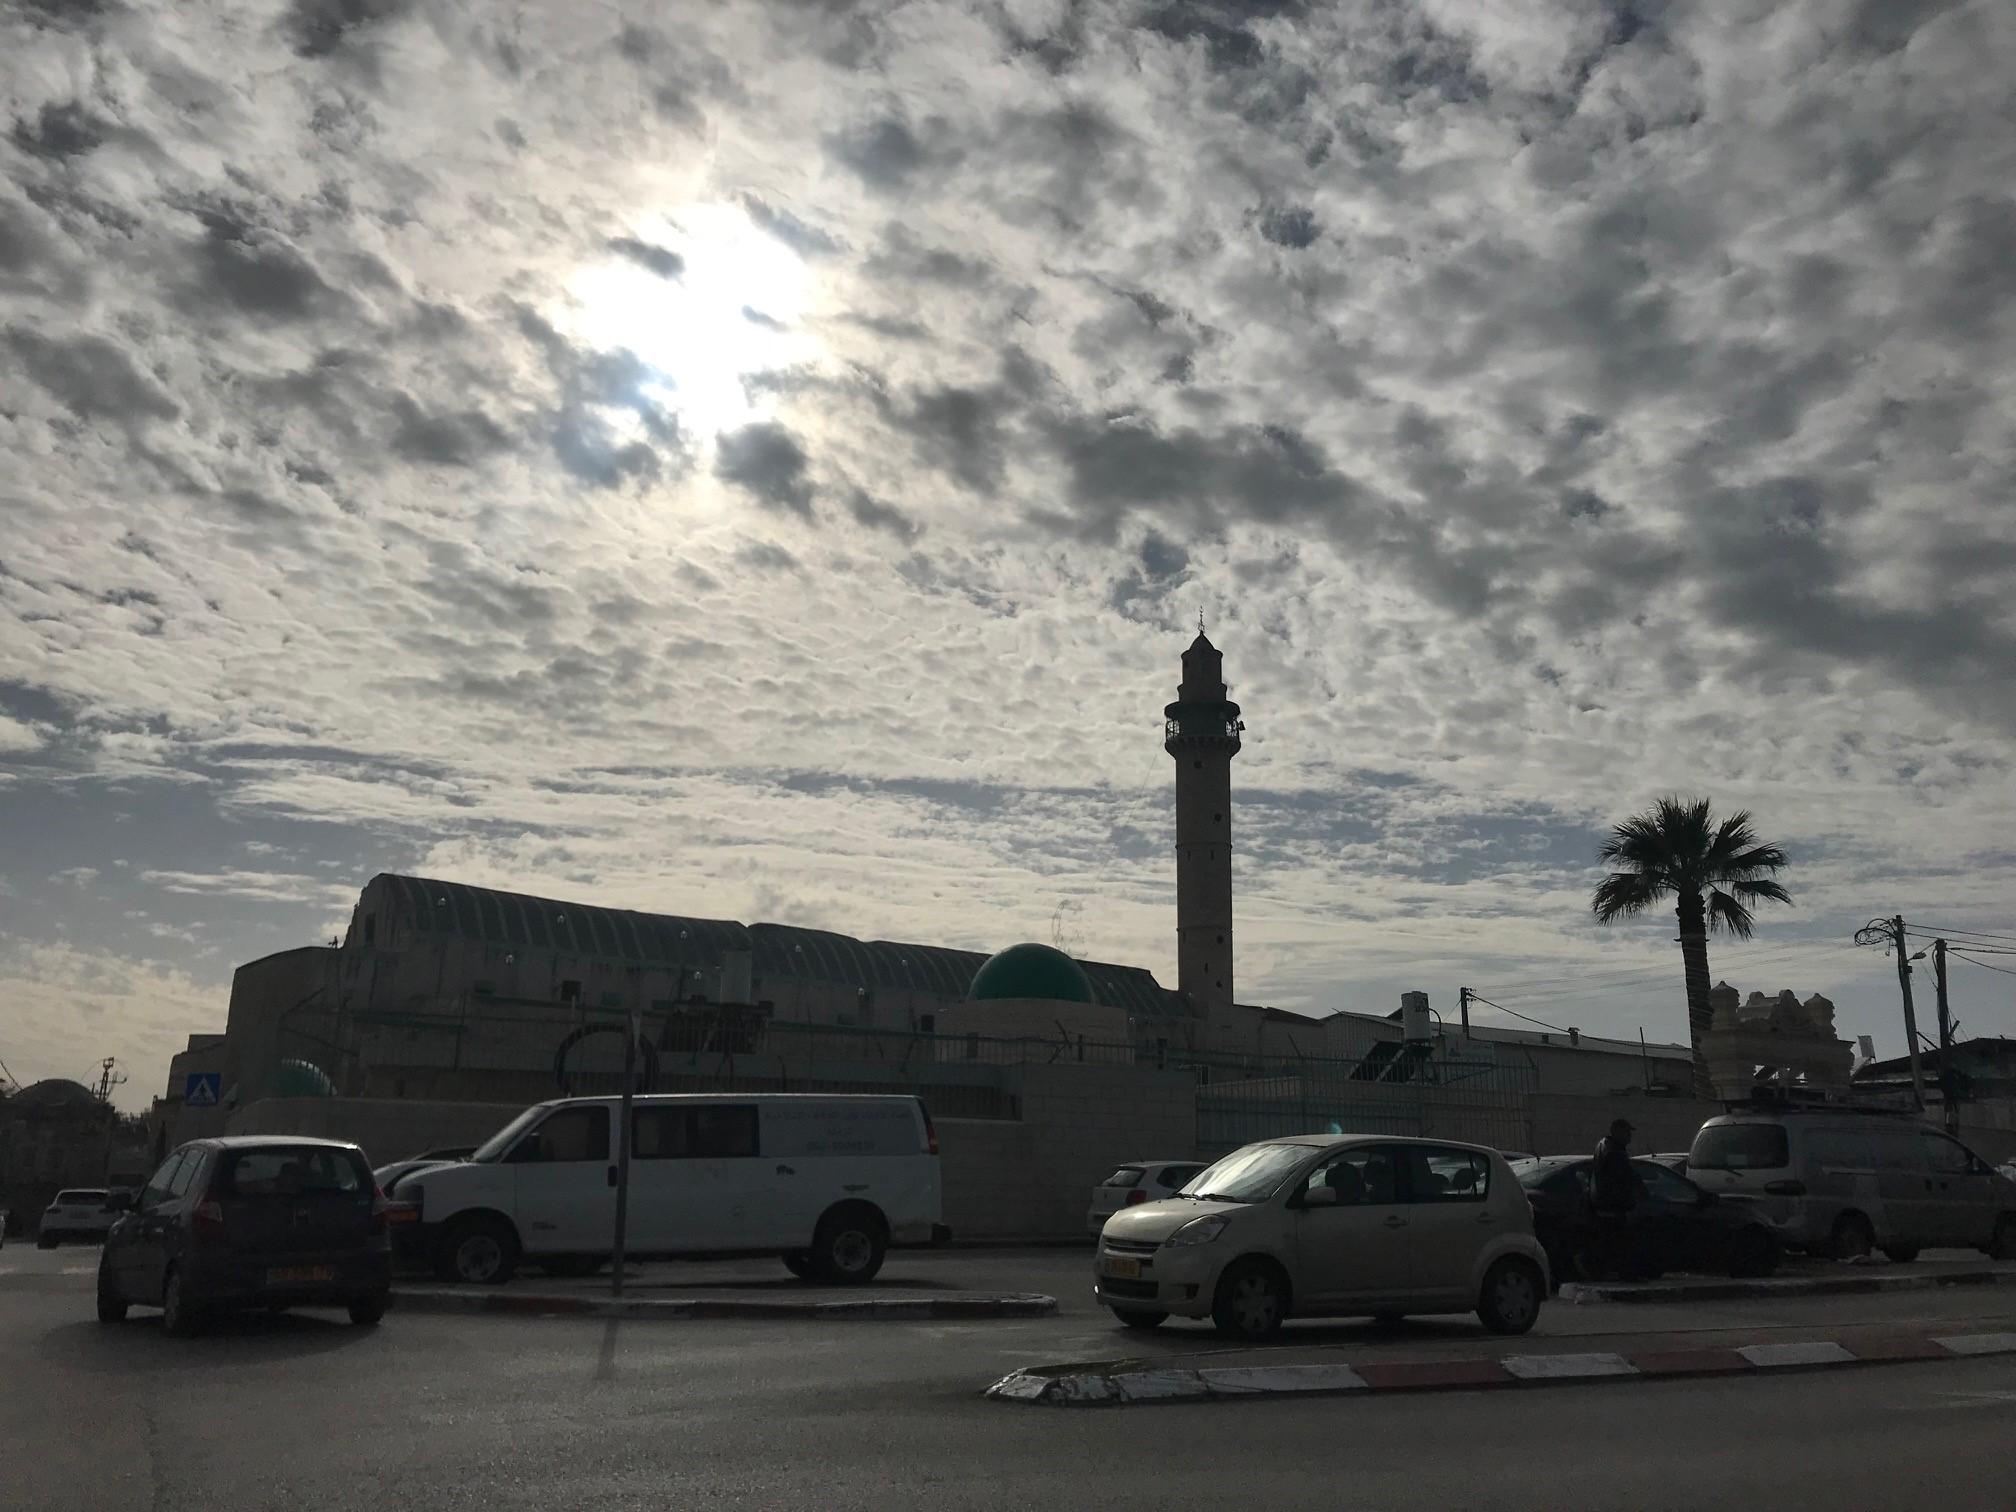 Ramla est une ville dans laquelle habitent tant des Juifs que des Arabes israéliens (photo : KHC).